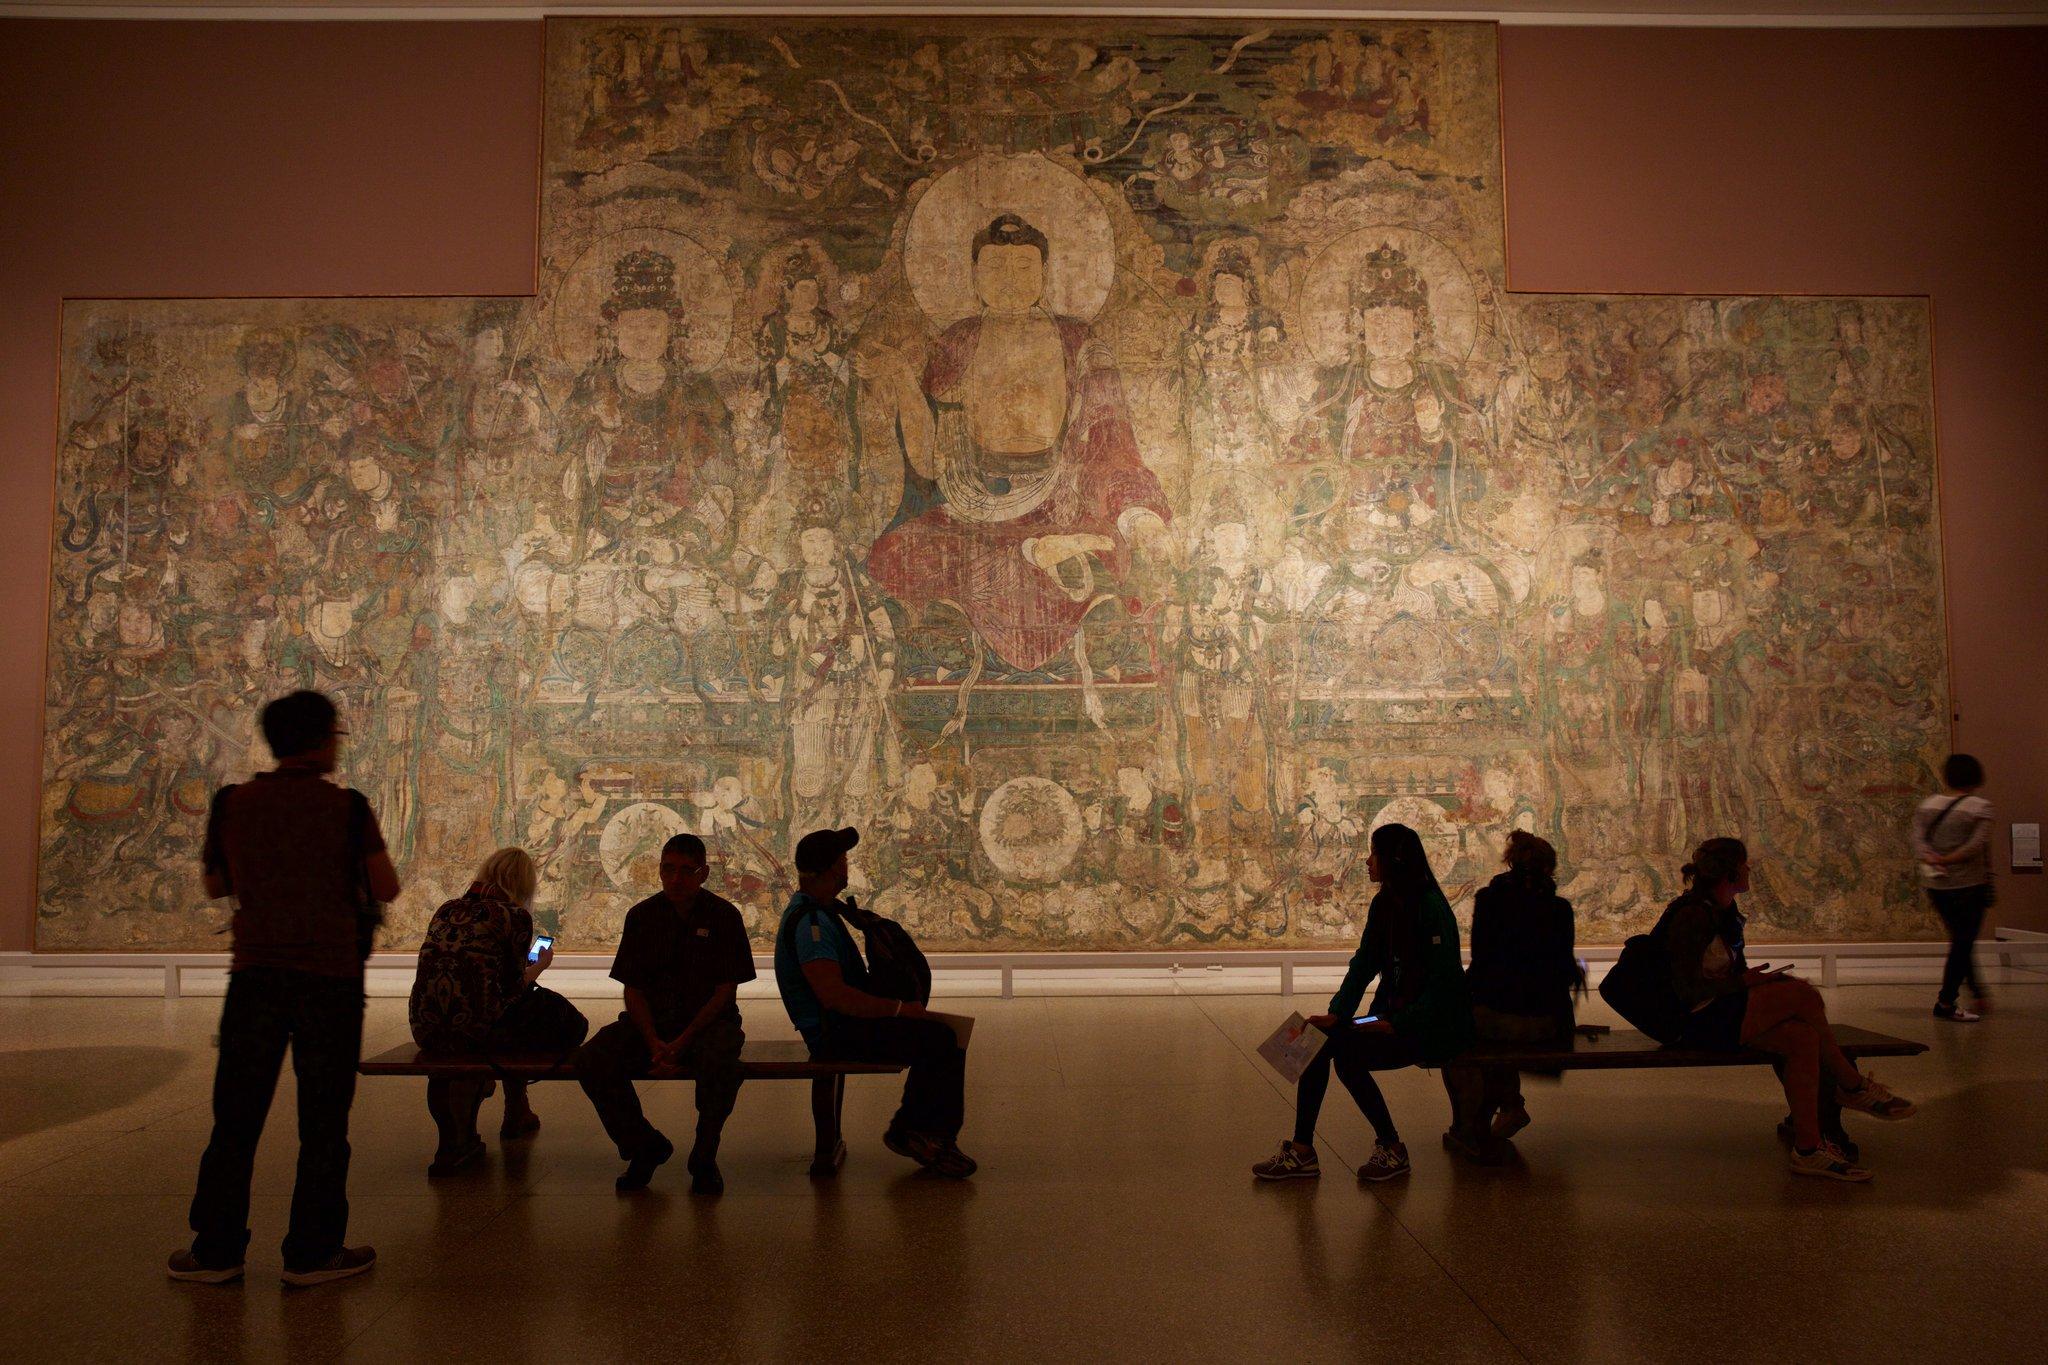 L'aile du Met dédié à l'art asiatique. Bien que la fréquentation ait augmenté, le musée connaît de grandes difficultés financières Crédit Benjamin Norman pour le New York Times